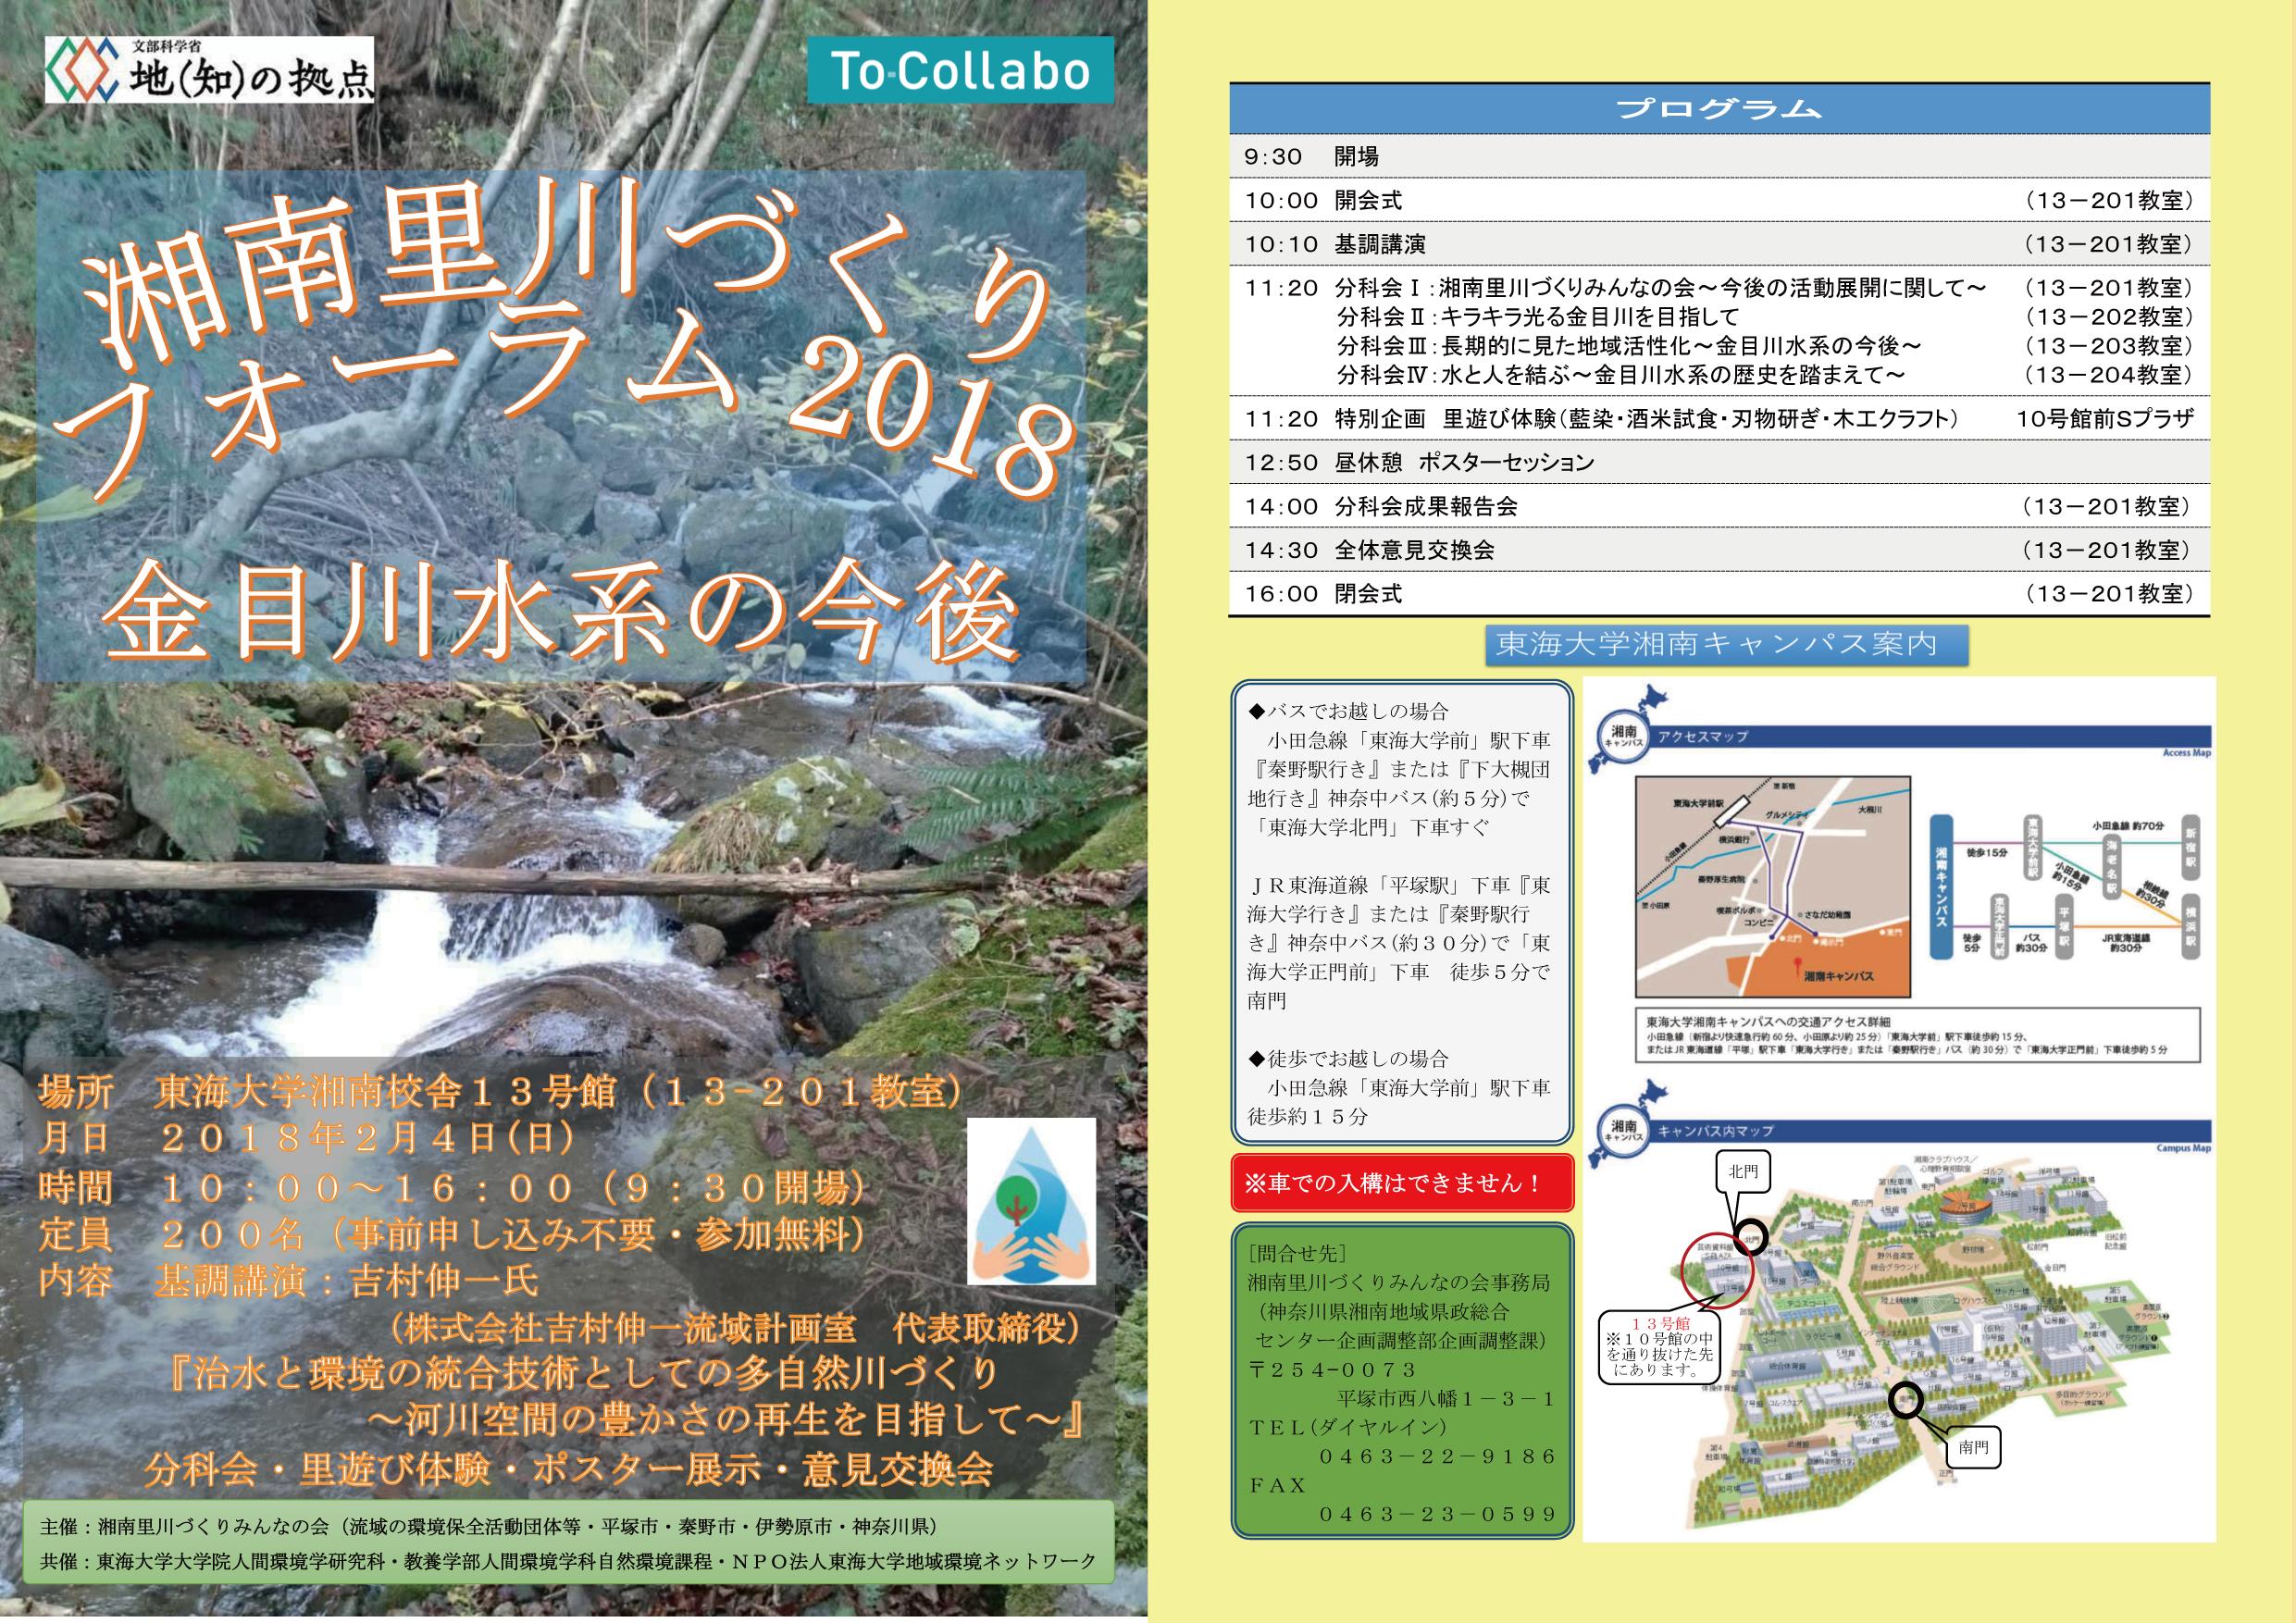 180204 Satokawa-Forum_chirashi_A3